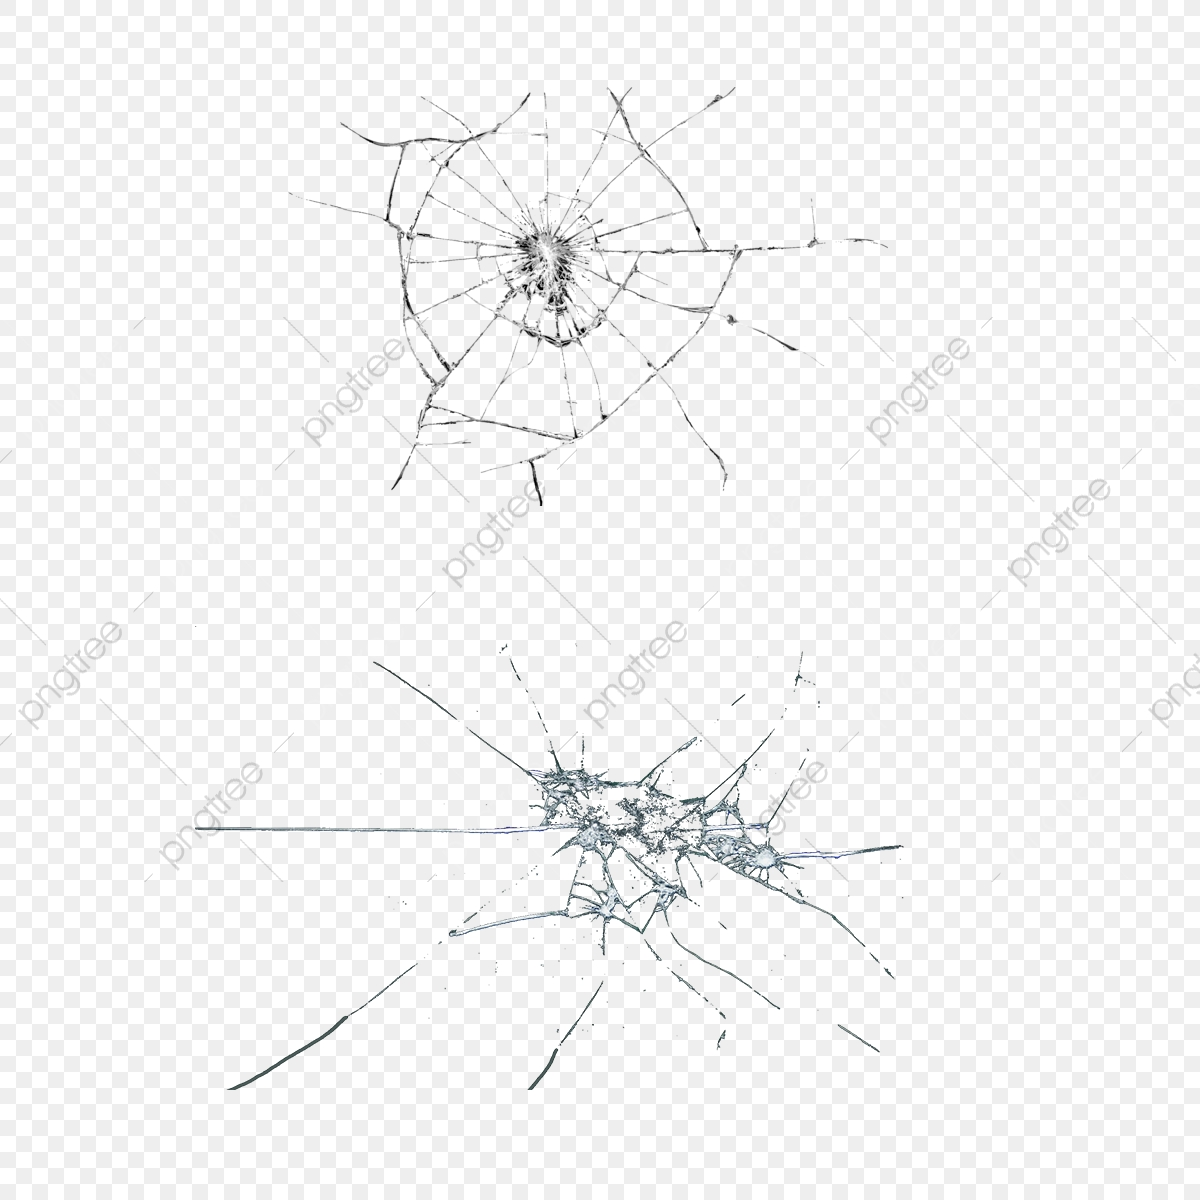 Broken Glass, Broken Mirror Image, Broken Glass Effect PNG.